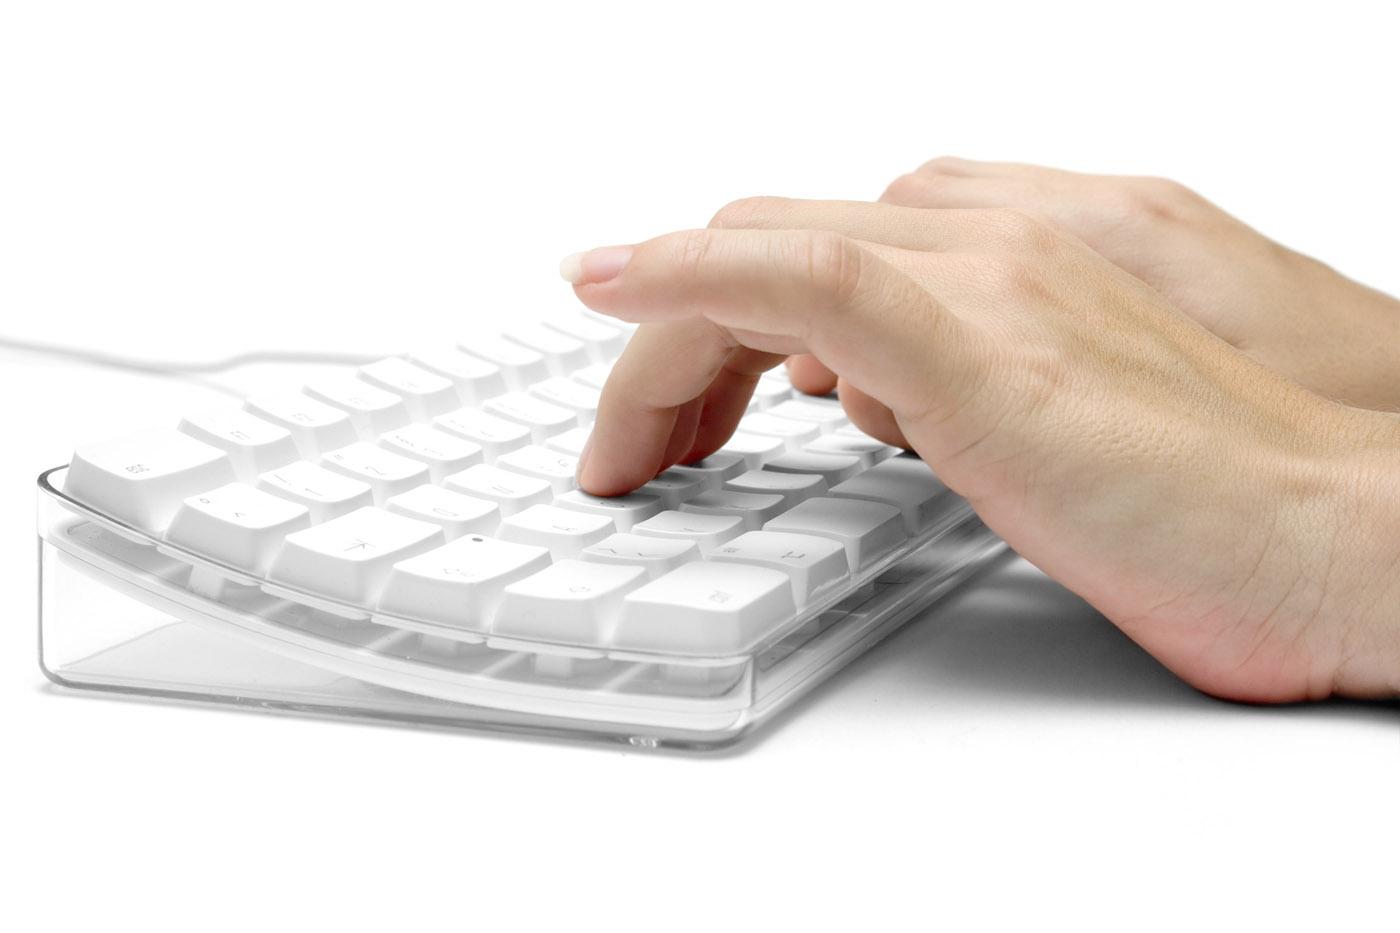 que es el teclado qwerty